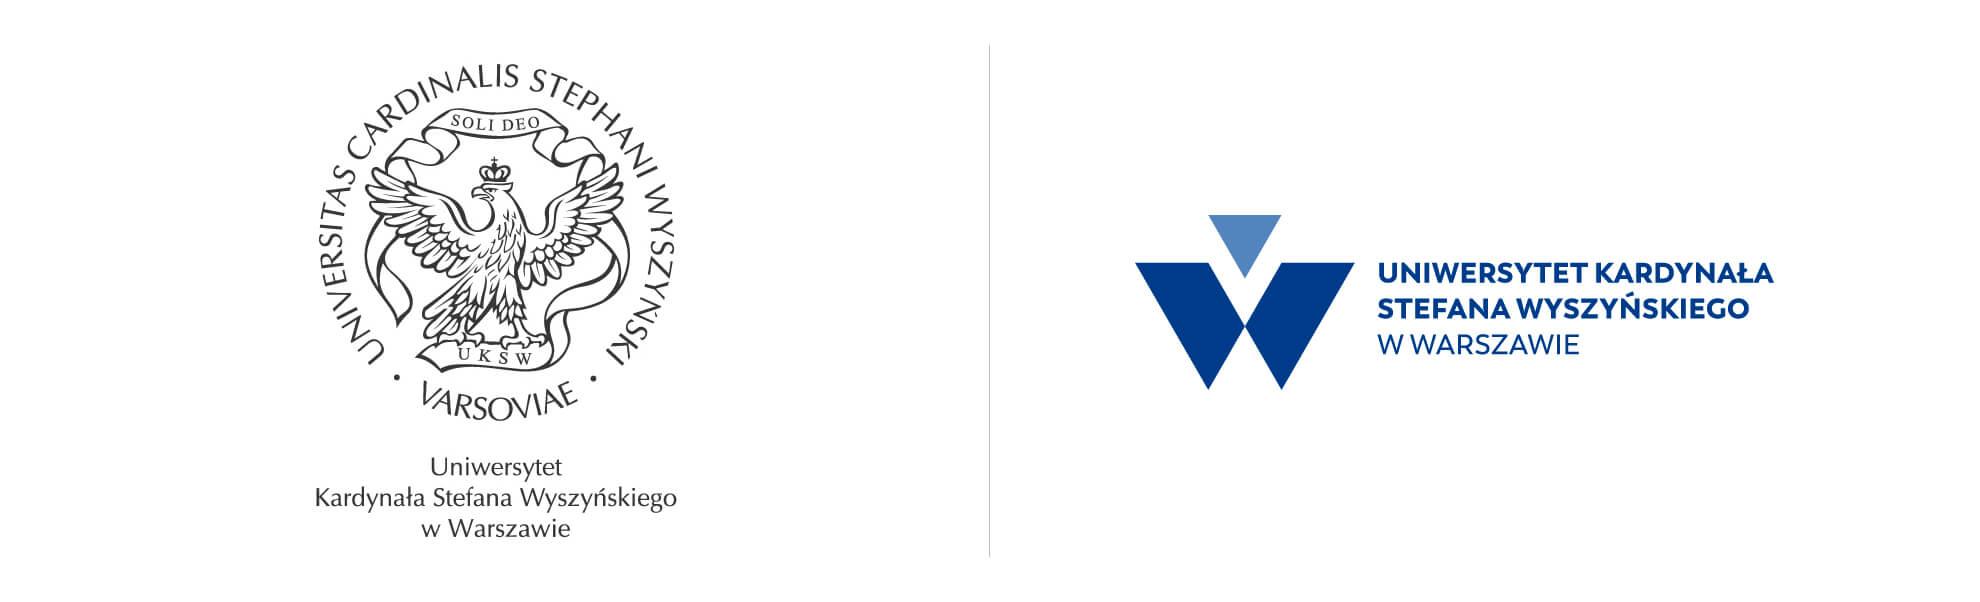 UKSW ma nowe logo najubileusz